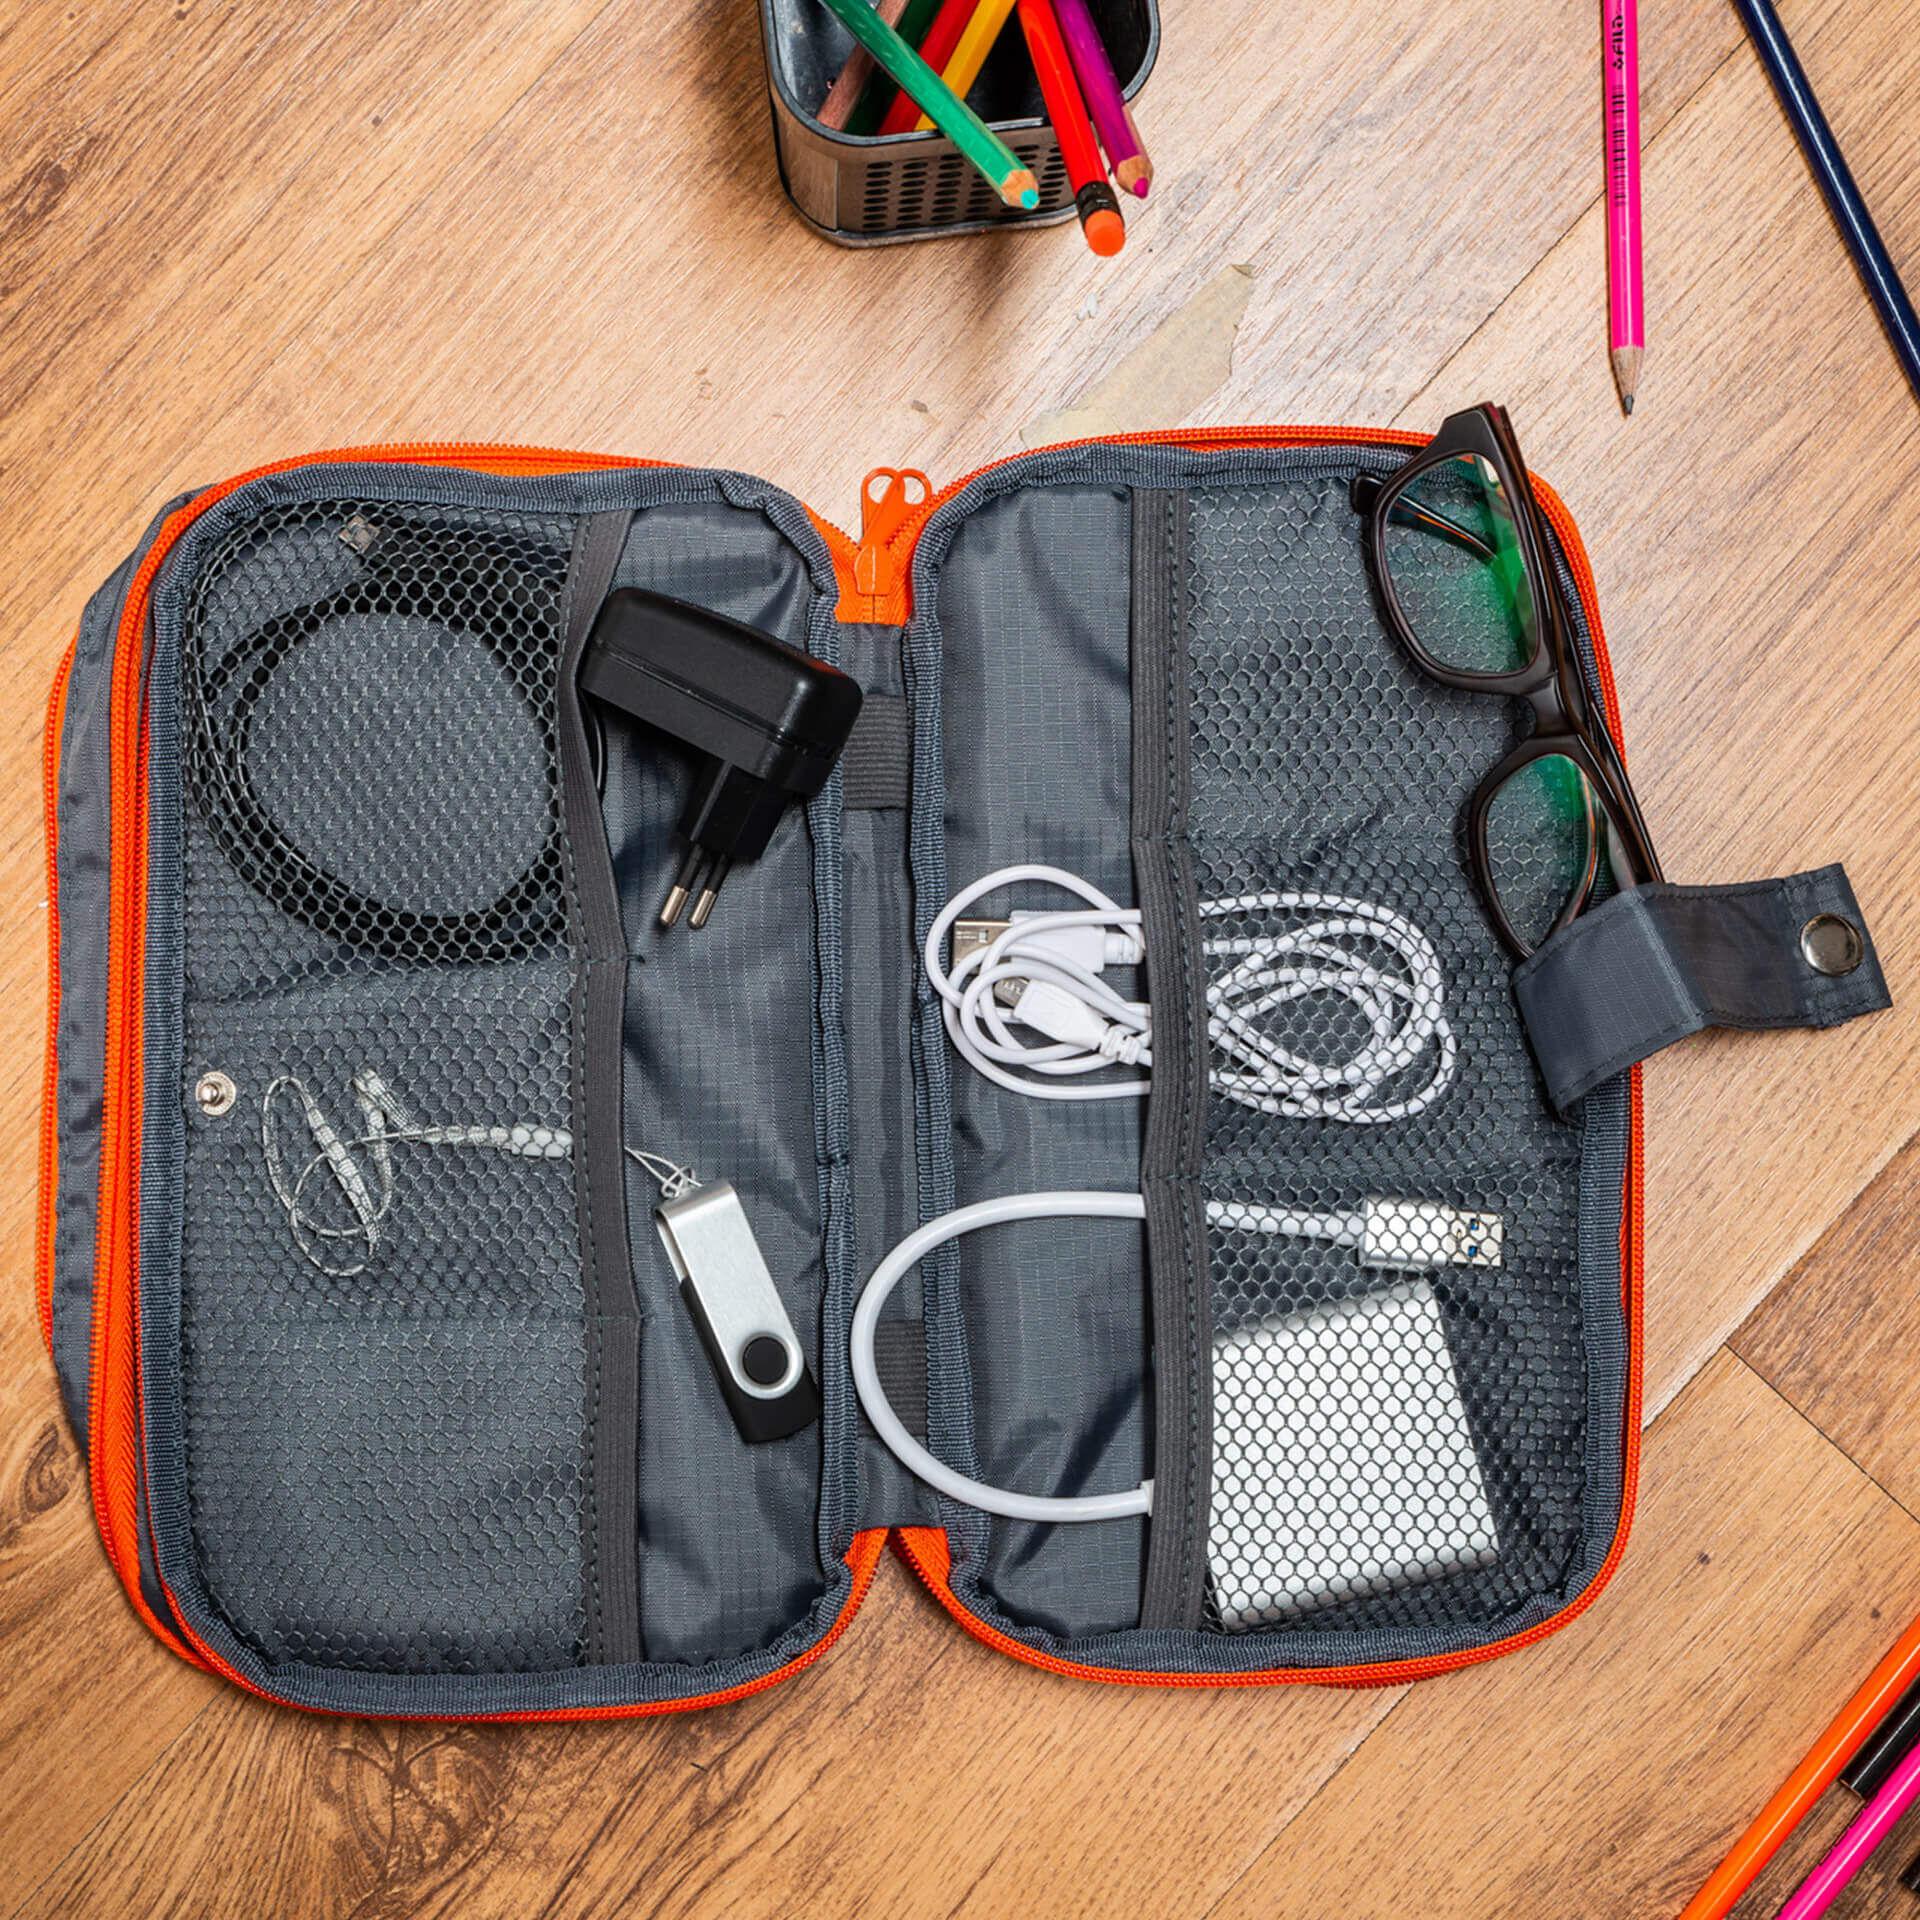 Organisateur de voyage pour câbles et accessoires technologiques, , large